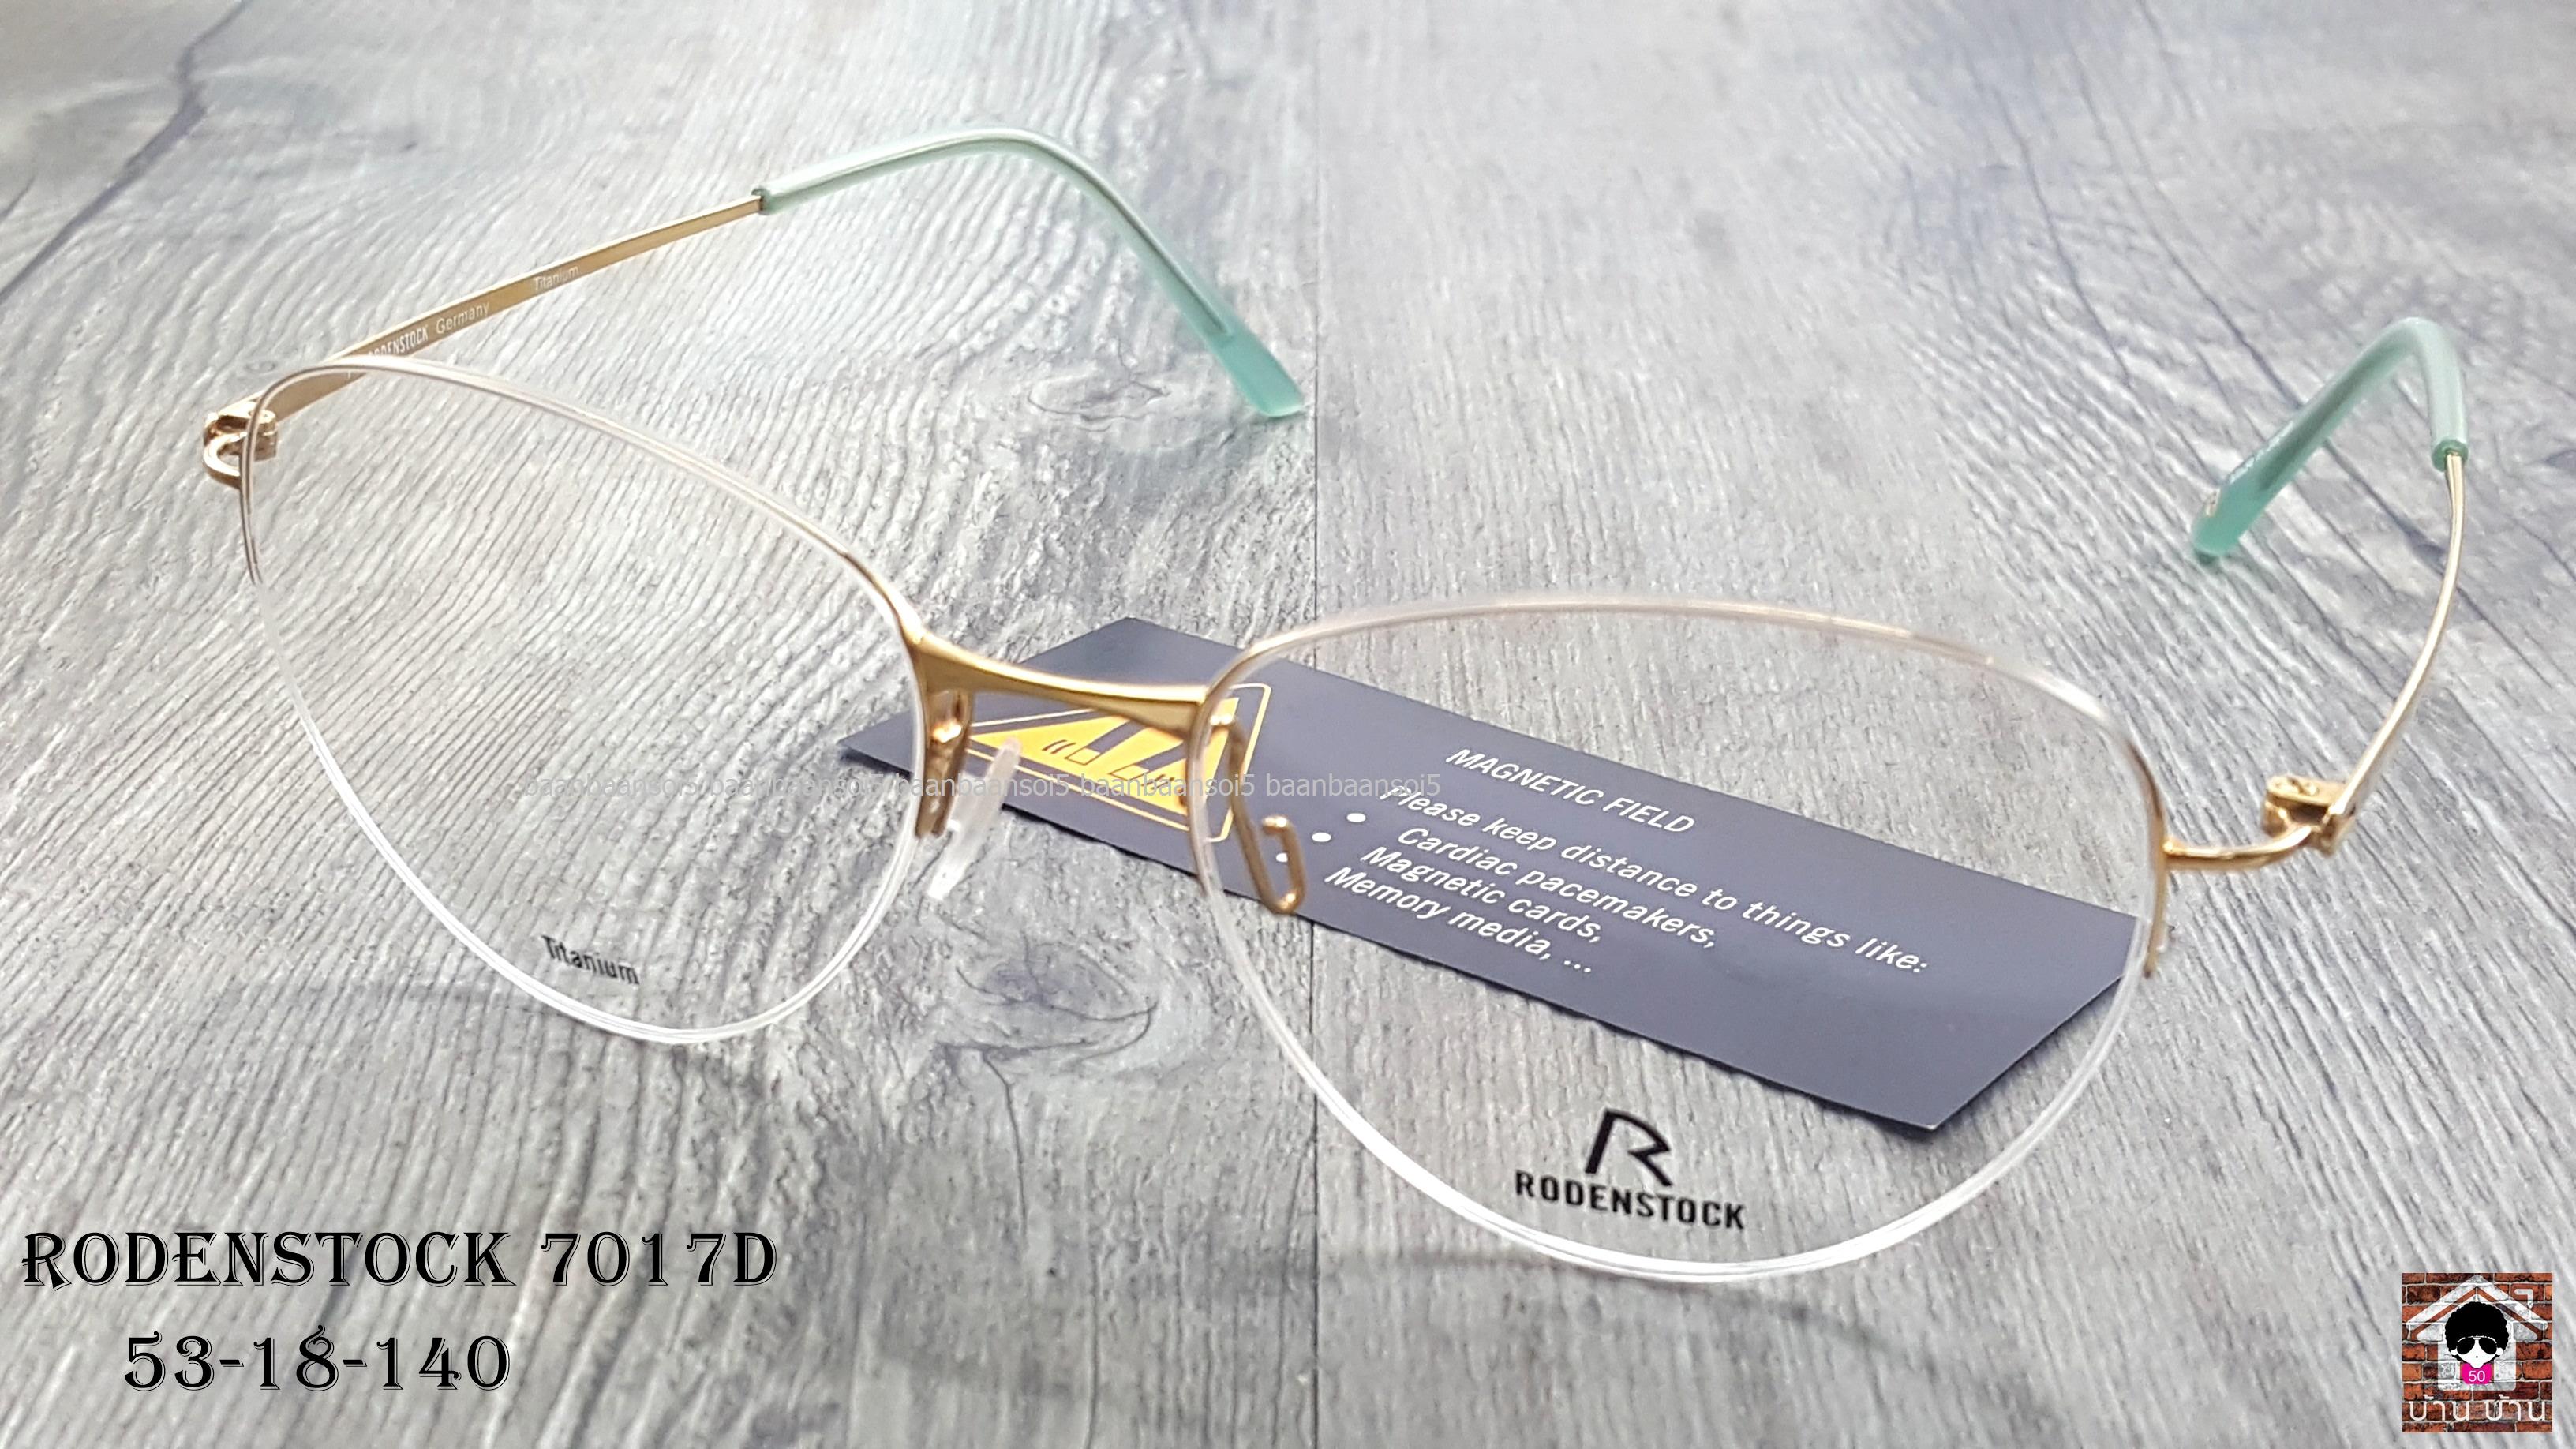 Rodenstock 7017D โปรโมชั่น กรอบแว่นตาพร้อมเลนส์ HOYA ราคา 6,900 บาท